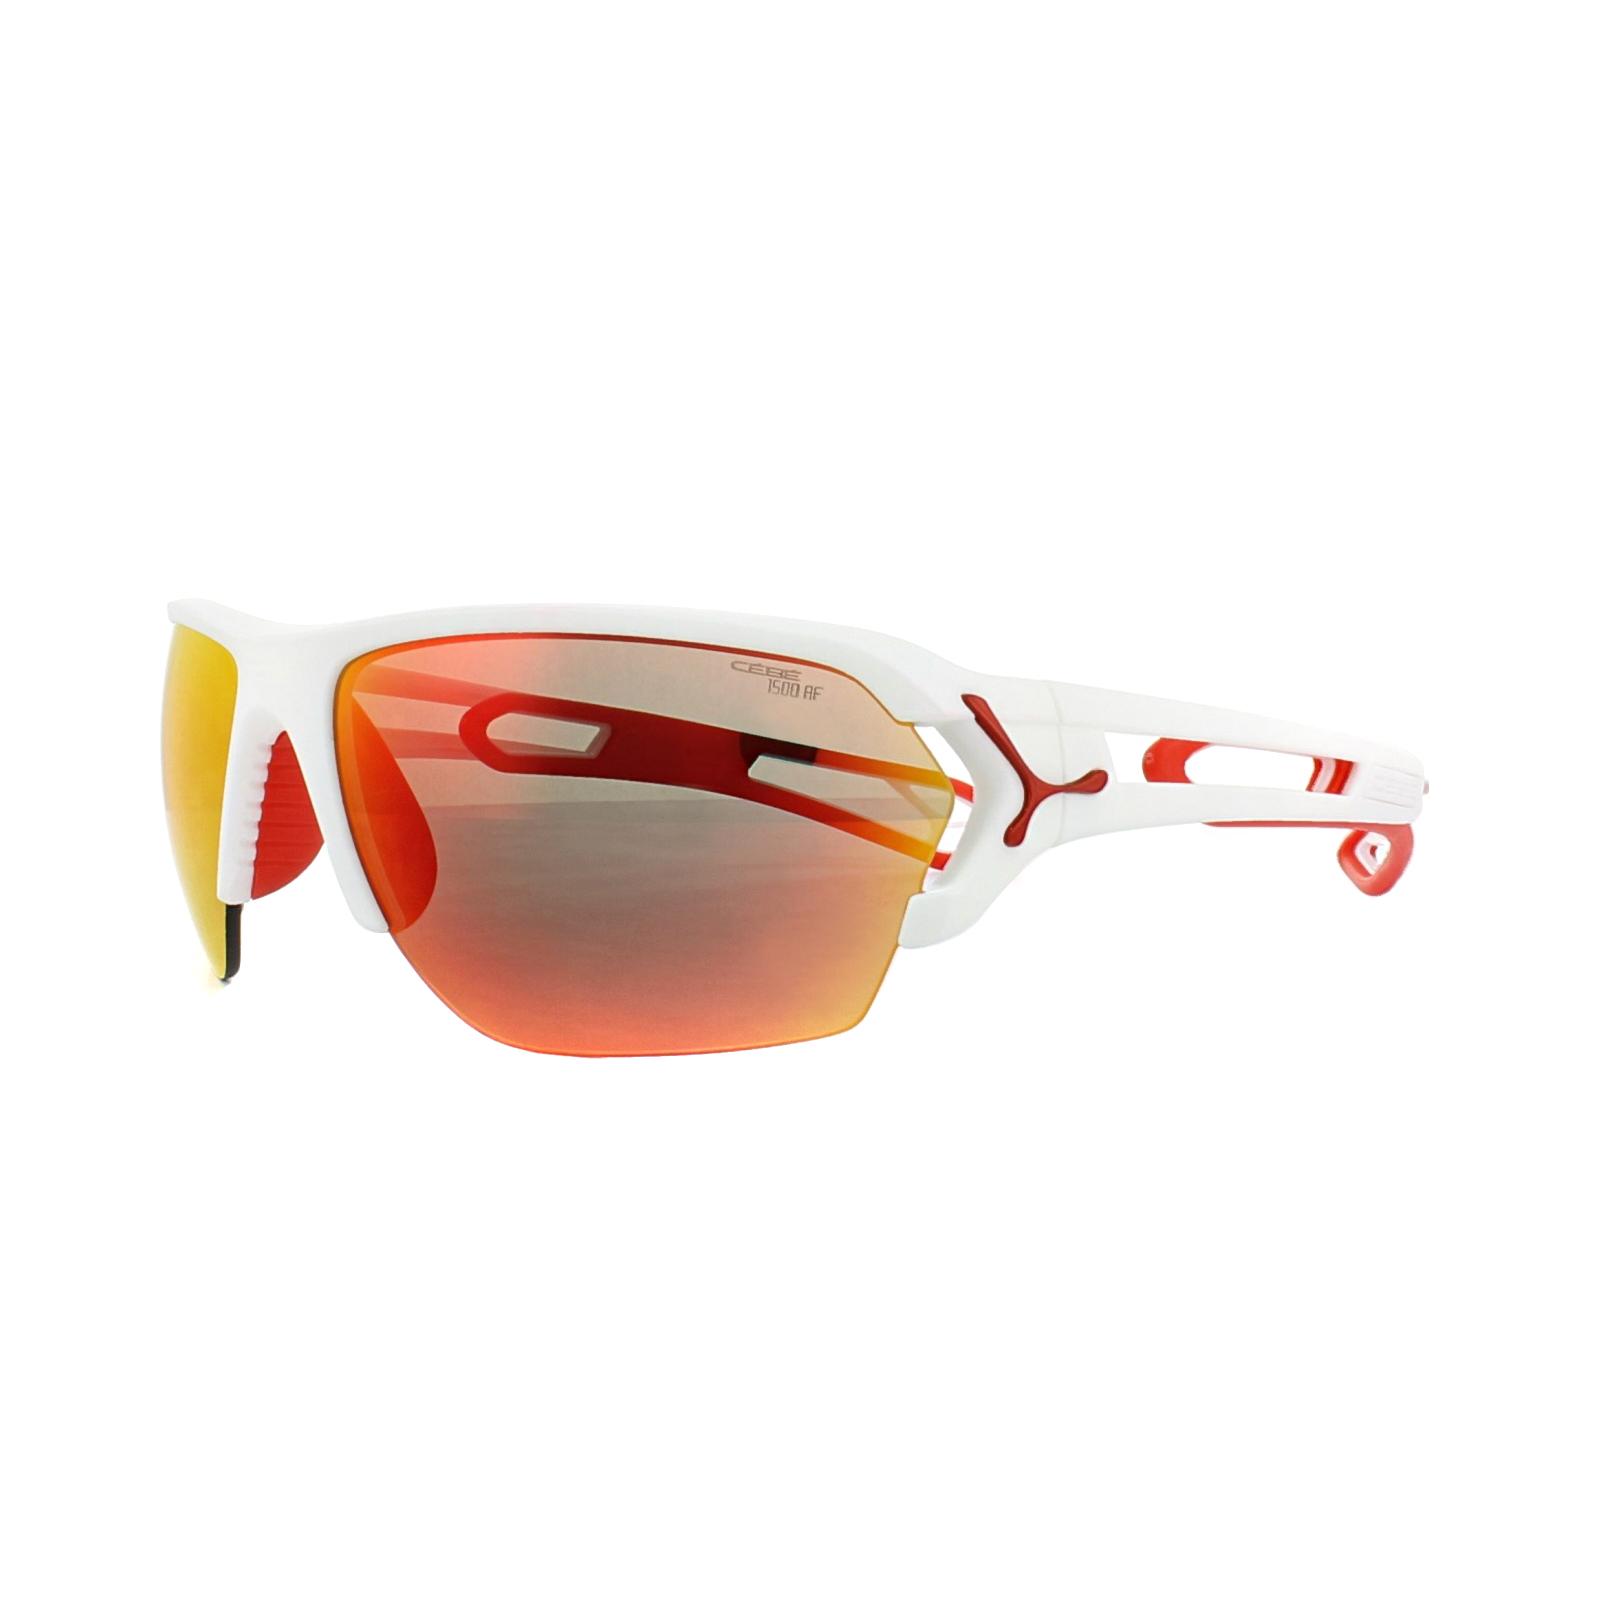 8ce67c356 Cheap Cebe S'Track L Sunglasses - Discounted Sunglasses